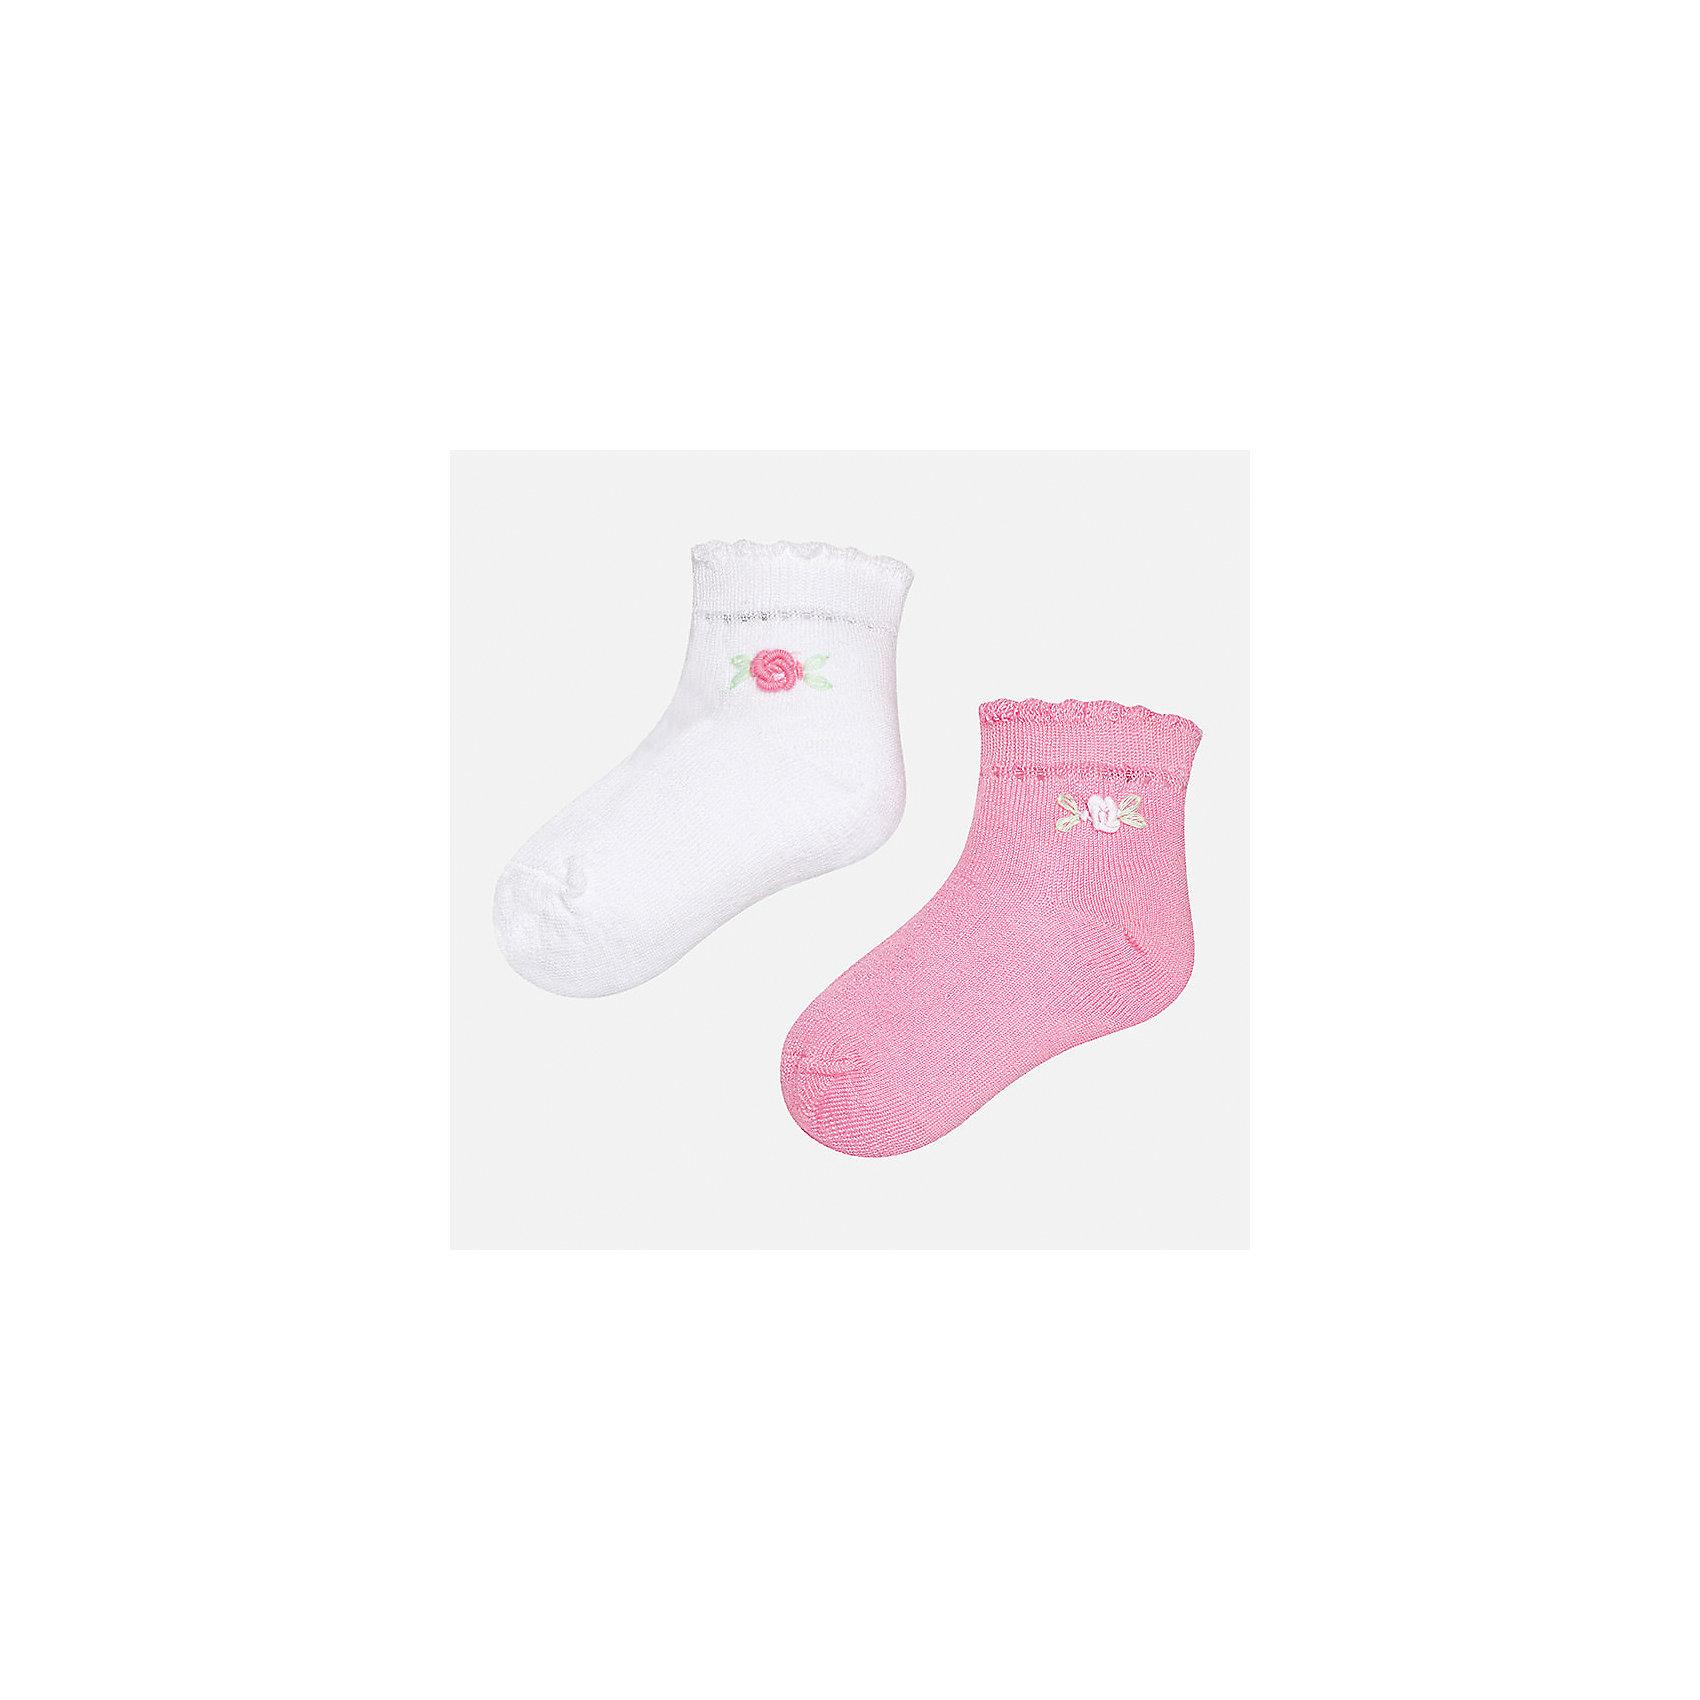 Носки (2 пары) для девочки MayoralХарактеристики товара:<br><br>• цвет: белый/розовый<br>• состав: 74% хлопок, 23% полиамид, 3% эластан<br>• комплектация: две пары<br>• мягкая ажурная резинка<br>• эластичный материал<br>• декорированы объемными цветами<br>• страна бренда: Испания<br><br>Удобные симпатичные носки для девочки помогут обеспечить ребенку комфорт и дополнить наряд. Универсальный цвет позволяет надевать их под обувь разных расцветок. Носки удобно сидят на ноге и красиво смотрятся. В составе материала - натуральный хлопок, гипоаллергенный, приятный на ощупь, дышащий. <br><br>Одежда, обувь и аксессуары от испанского бренда Mayoral полюбились детям и взрослым по всему миру. Модели этой марки - стильные и удобные. Для их производства используются только безопасные, качественные материалы и фурнитура. Порадуйте ребенка модными и красивыми вещами от Mayoral! <br><br>Носки (2 пары) для девочки от испанского бренда Mayoral (Майорал) можно купить в нашем интернет-магазине.<br><br>Ширина мм: 87<br>Глубина мм: 10<br>Высота мм: 105<br>Вес г: 115<br>Цвет: фиолетовый<br>Возраст от месяцев: 12<br>Возраст до месяцев: 18<br>Пол: Женский<br>Возраст: Детский<br>Размер: 12,24<br>SKU: 5293379